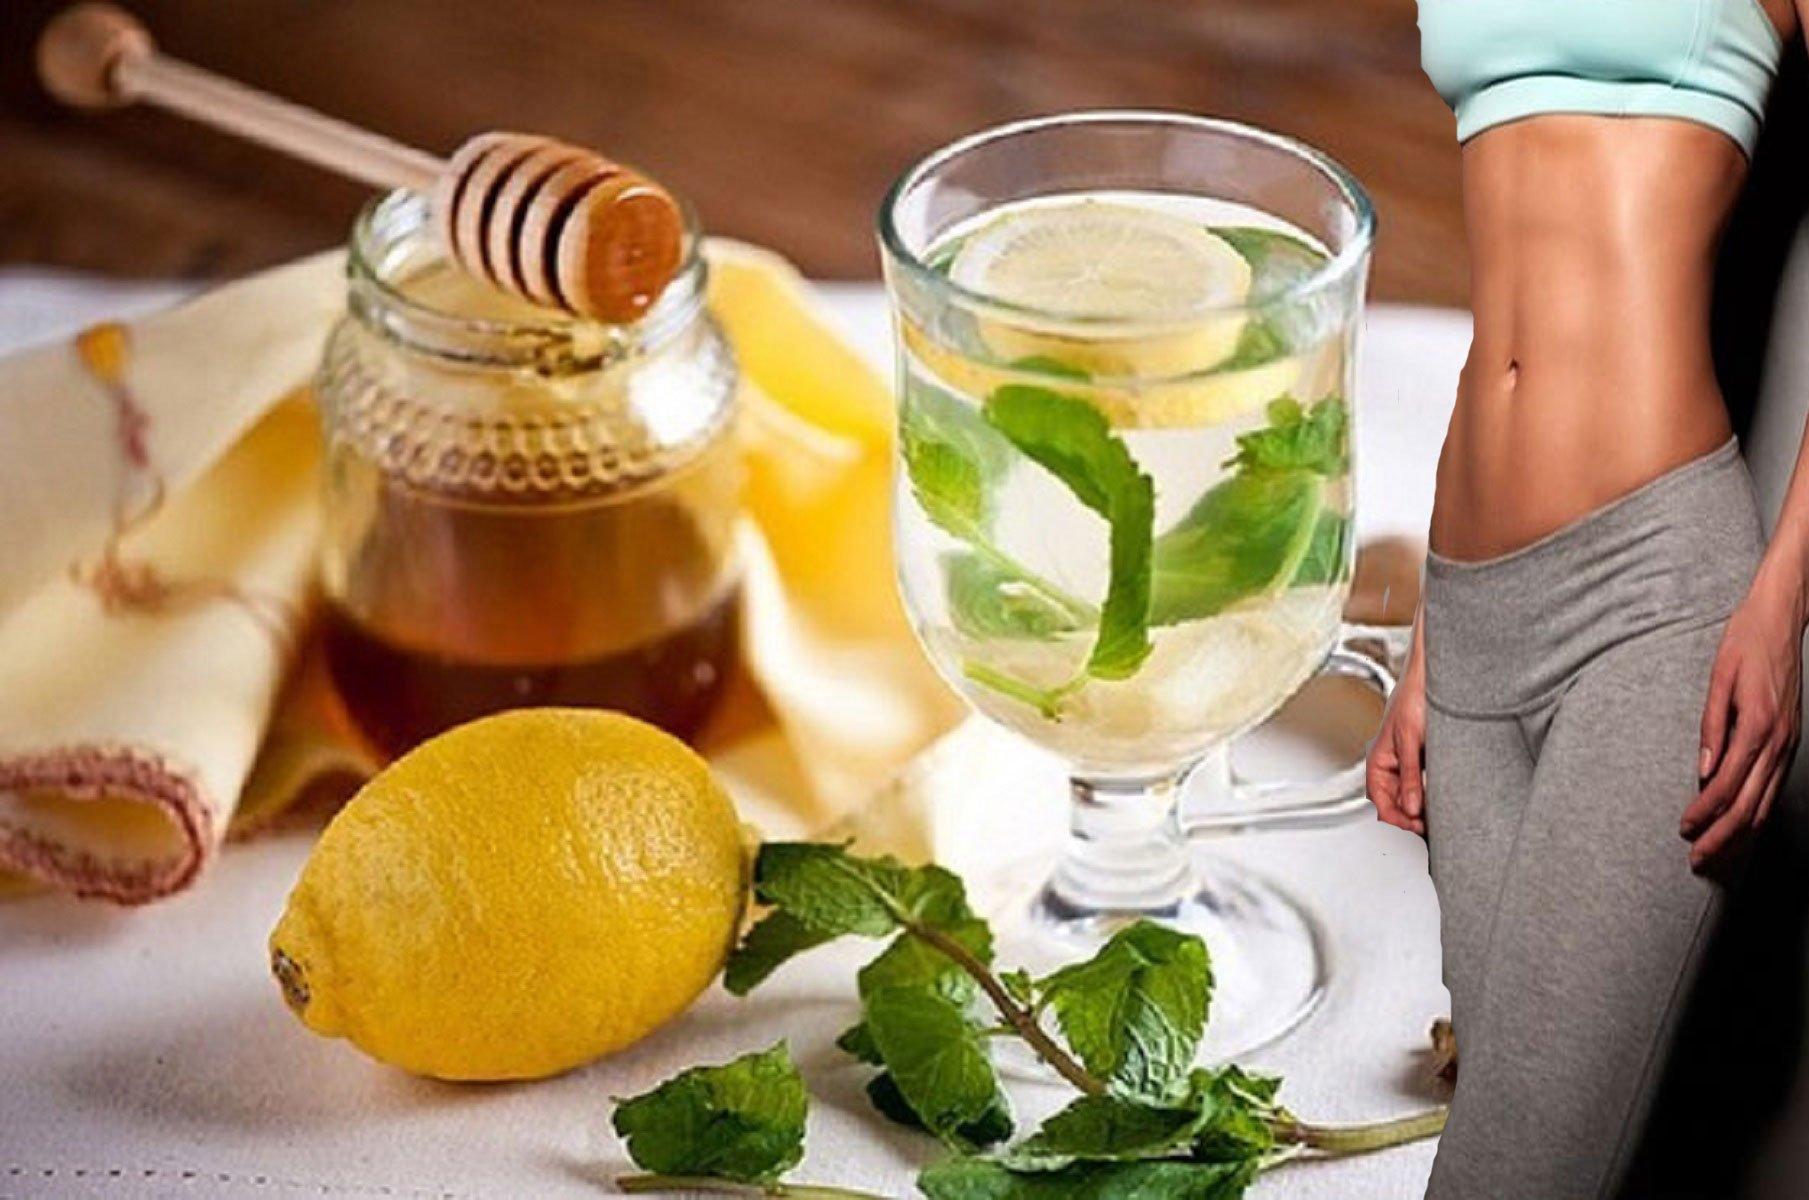 10 волшебных свойств воды с лимоном и медом натощак, которые преобразят ваше тело :: инфониак